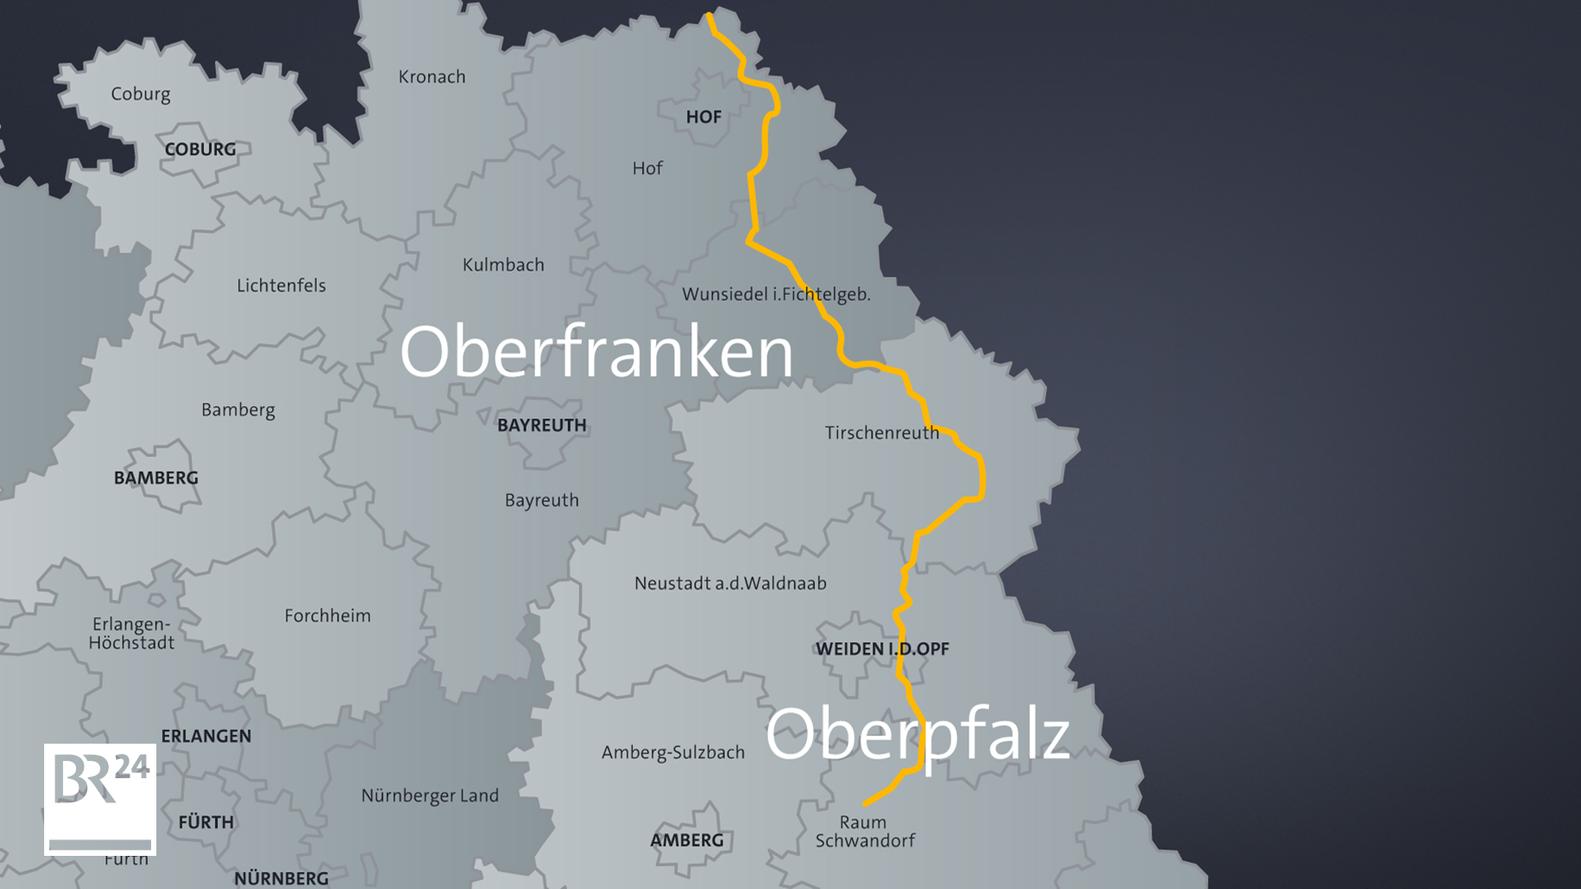 Eine Landkarte zeigt den Verlauf der geplanten Gleichstromtrasse Südostlink.